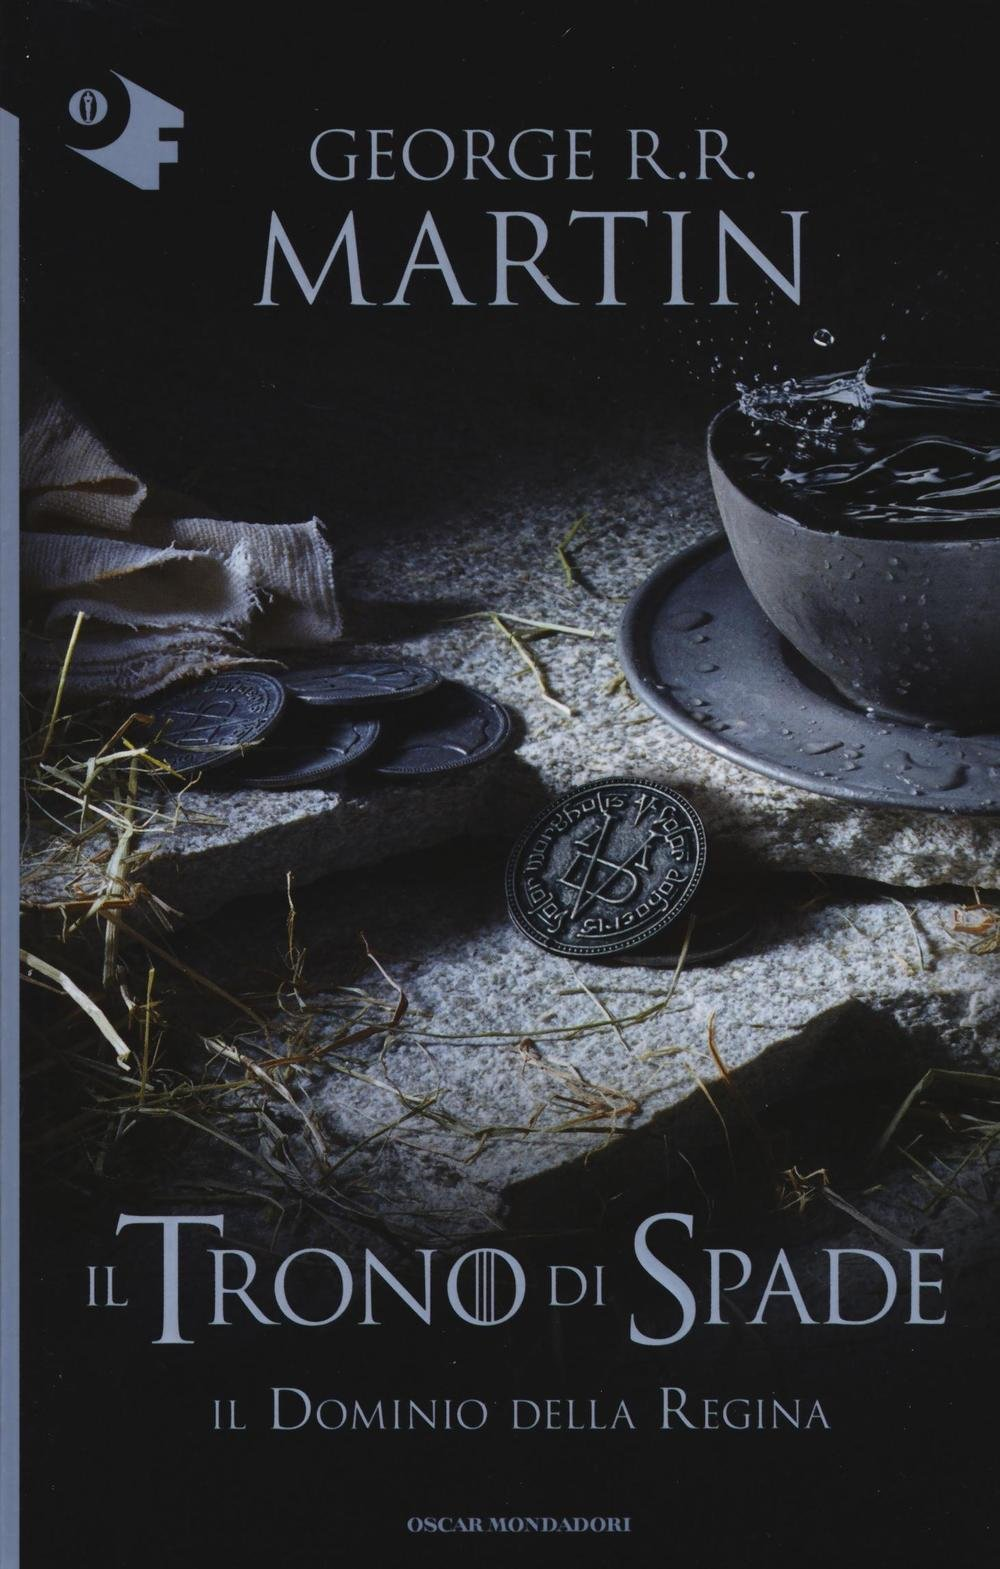 Amazon il trono di spade 8 george r r martin s altieri amazon il trono di spade 8 george r r martin s altieri m benuzzi libri fandeluxe Gallery